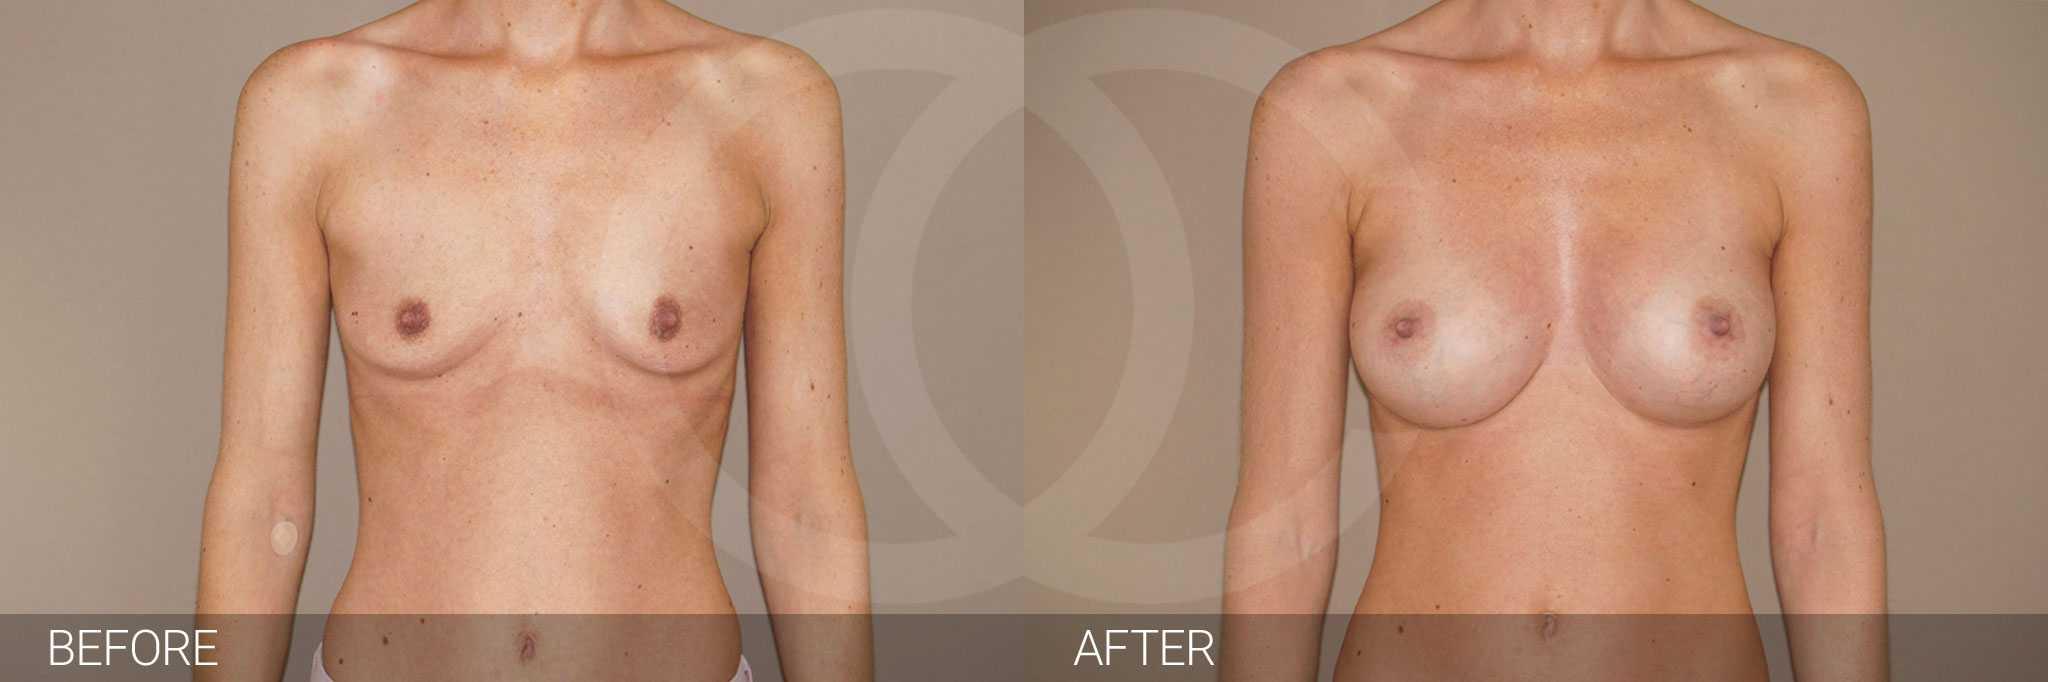 Brustvergrößerung 375cc Anatomisch Hochprofil ante/post-op I